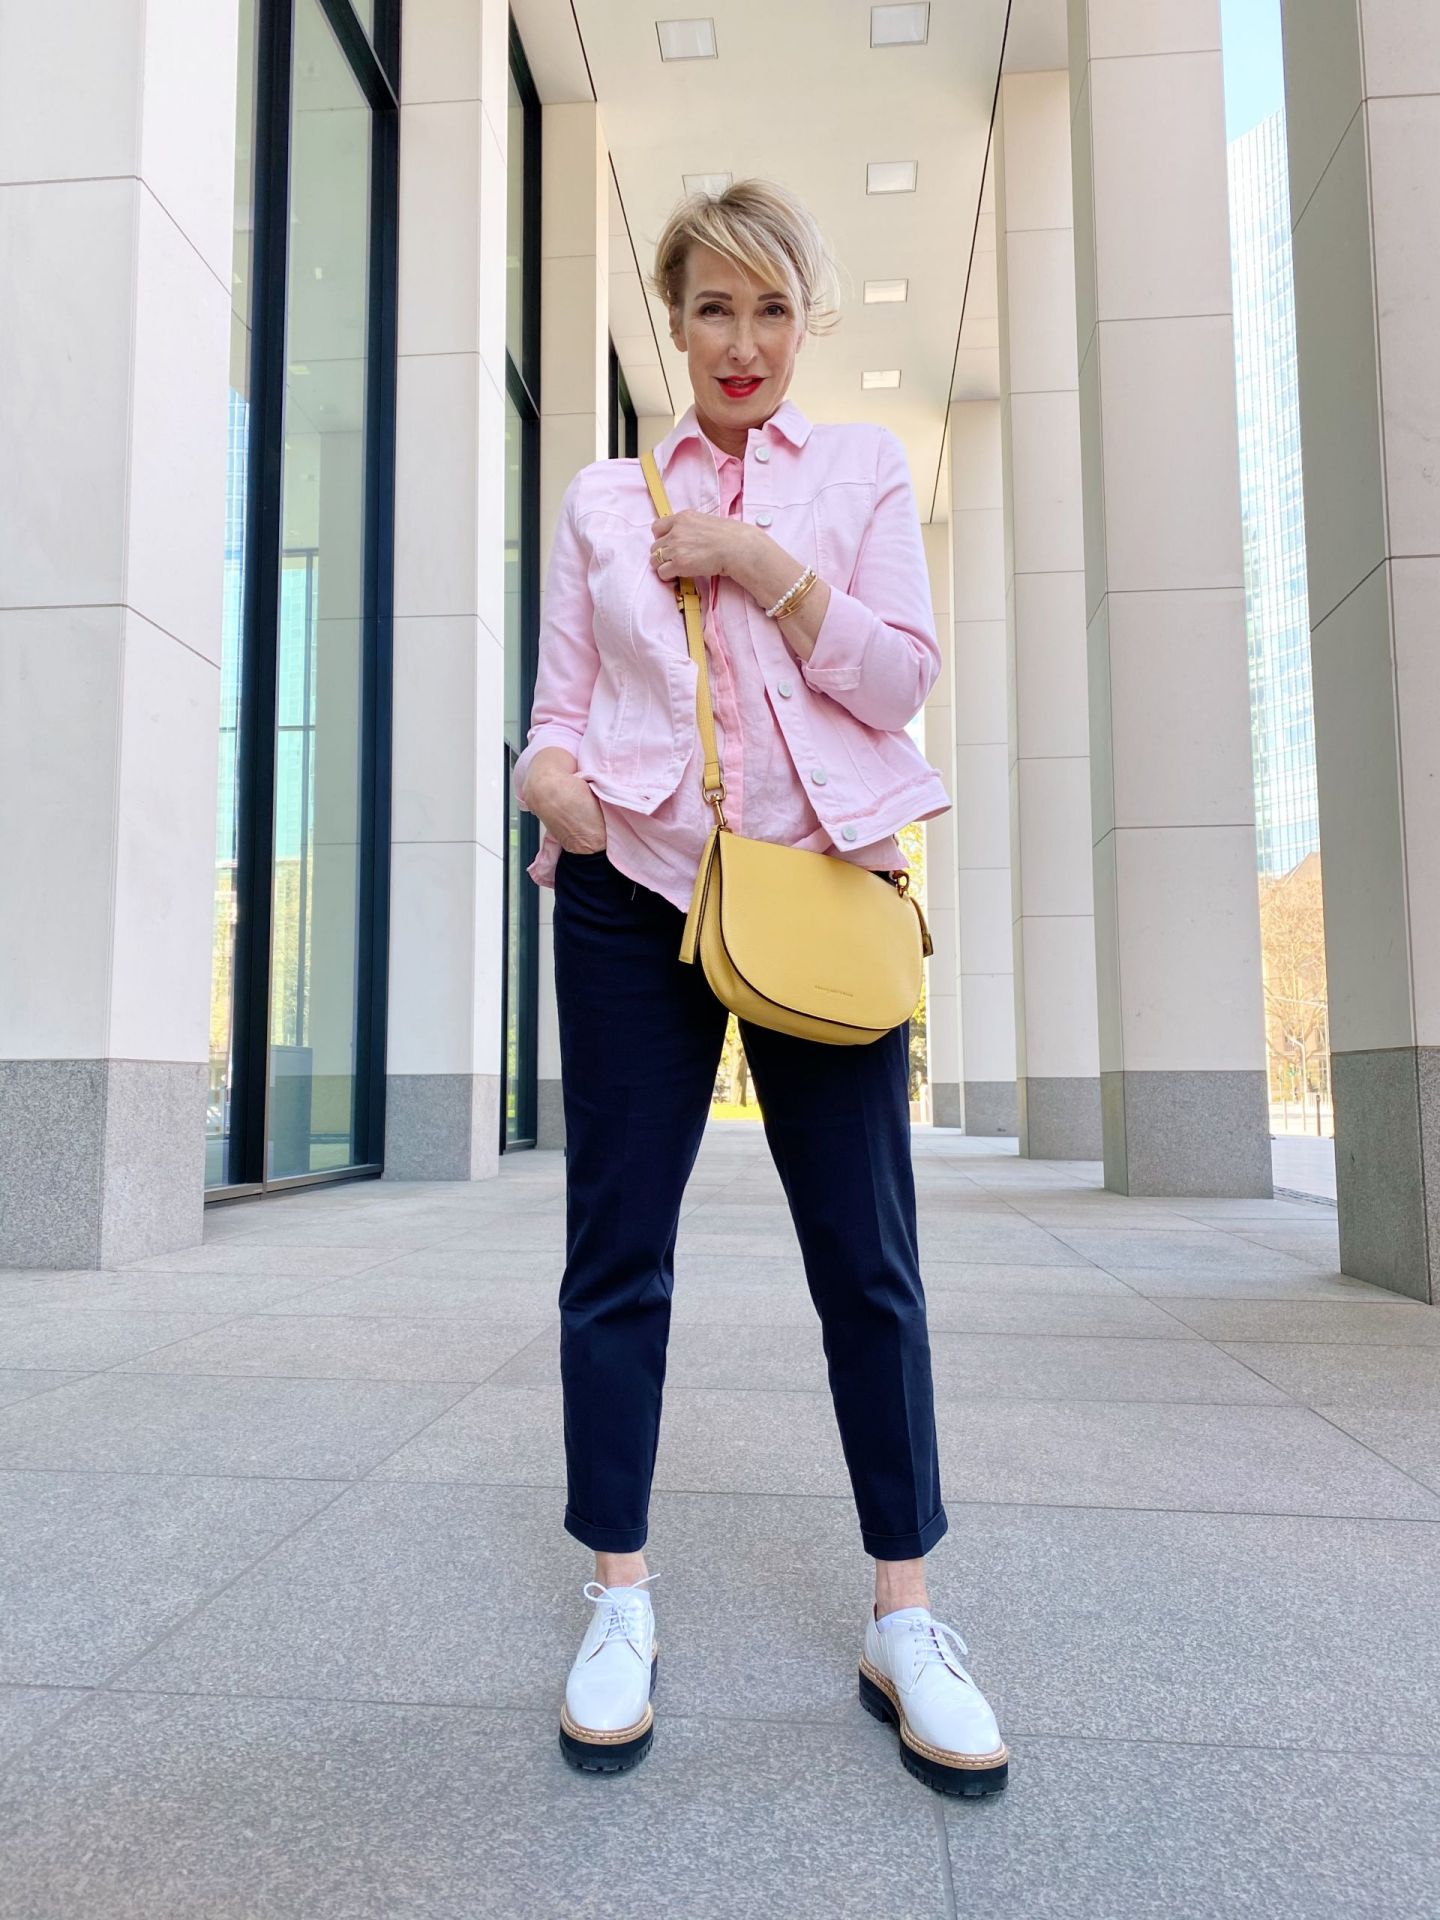 glamupyourlifestyle Rosa Farbe ue-40 ue-50-Blog Toni-Fashion